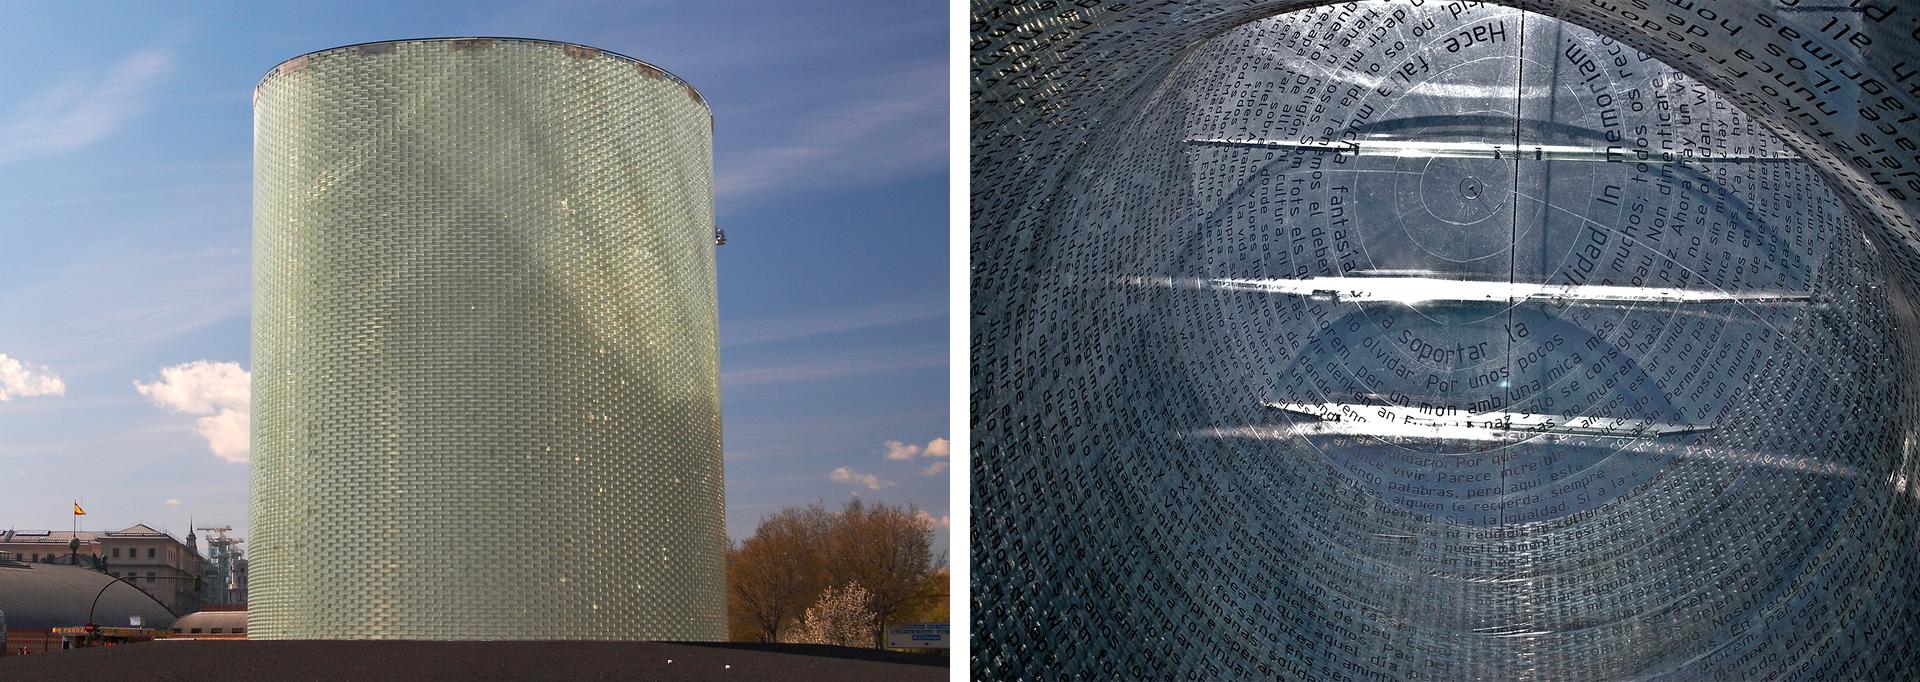 Ilustracja składa się z2 zdjęć ułożonych obok siebie. Zdjęcie po lewej przedstawia pomnik wkształcie pionowo ustawionego walca. Walec ma 11 metrów, wykonany ze szkła. Ściany są półprzeźroczyste. Prawe zdjęcie przedstawia wewnętrzną stronę wieży. Ściany walca od wewnątrz pokryte są tysiącami napisów. Napisy to wszystkie informacje, które pojawiły się po zamachu. Kondolencje, wyznania, informacje na miejscu tragedii.